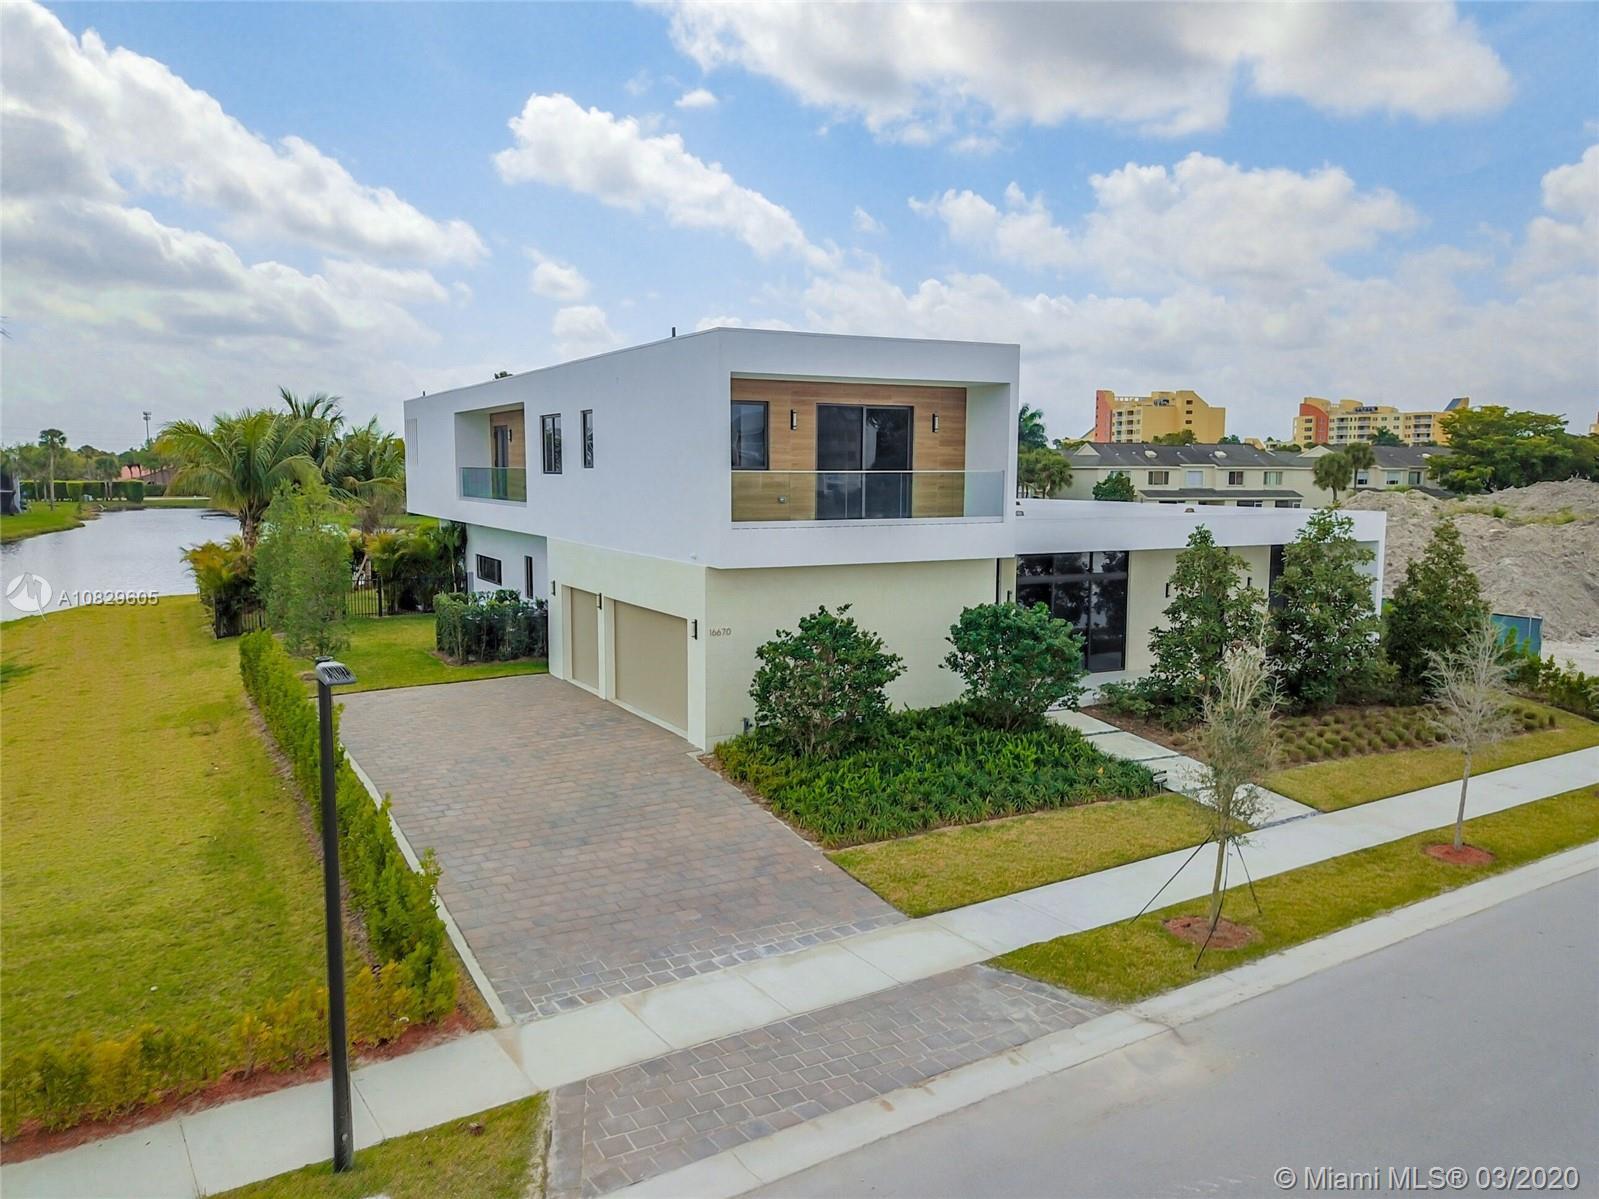 image #1 of property, Weston Estates